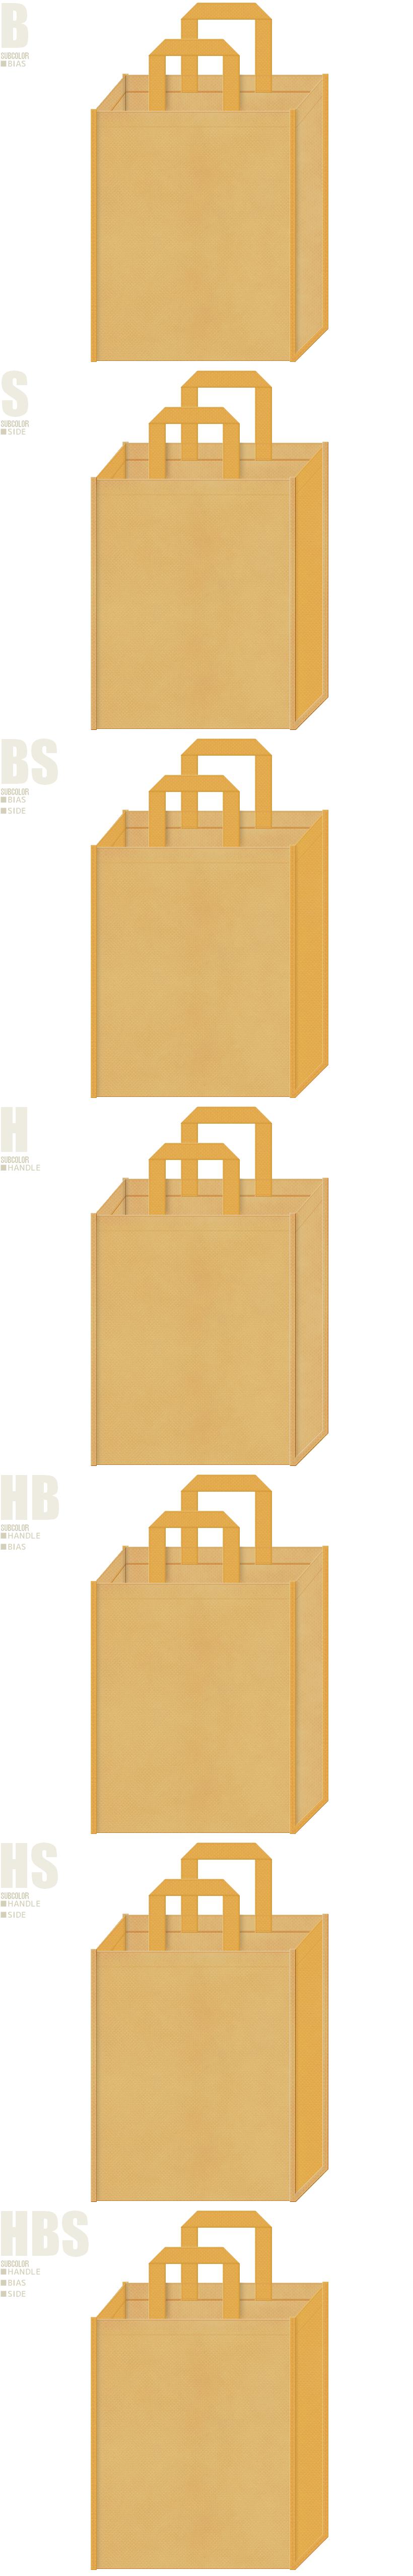 薄黄土色と黄土色、7パターンの不織布トートバッグ配色デザイン例。